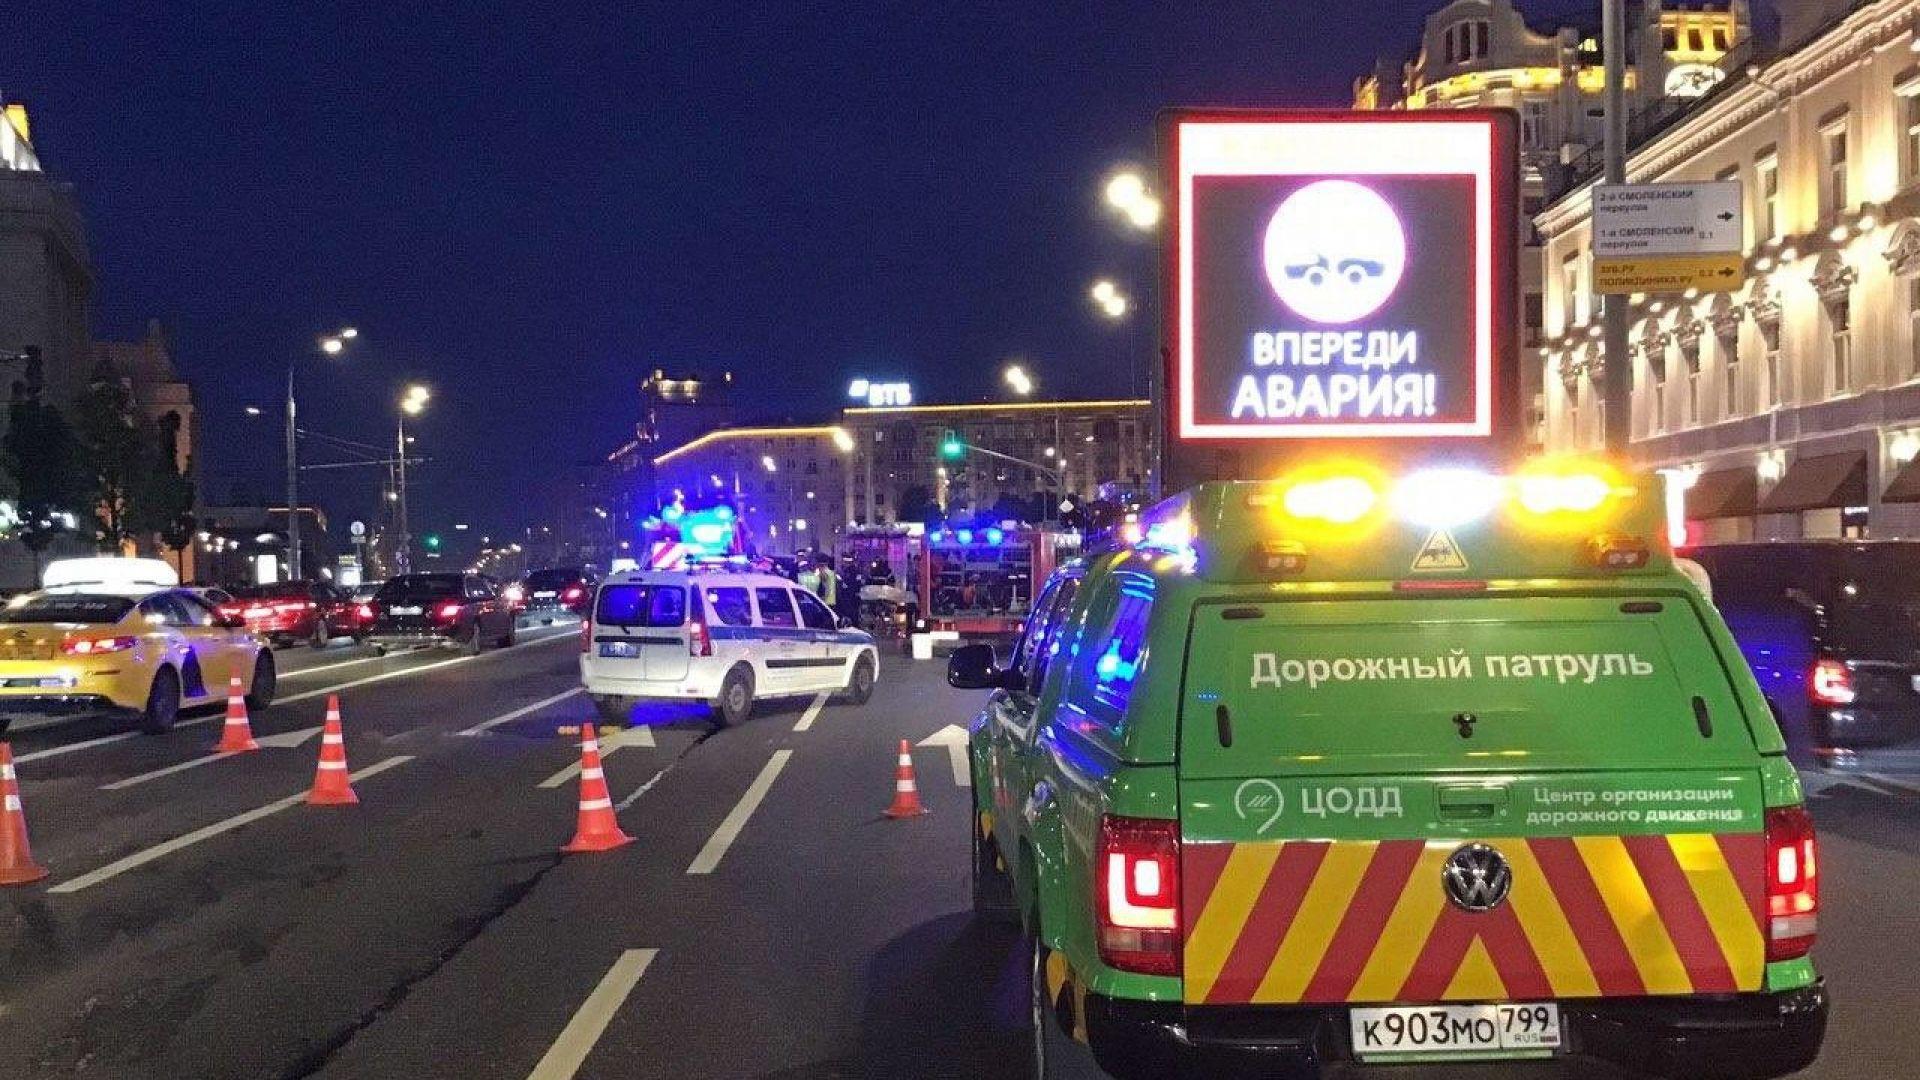 Известният руски актьор Михаил Ефремов катастрофира пиян, а при инцидента